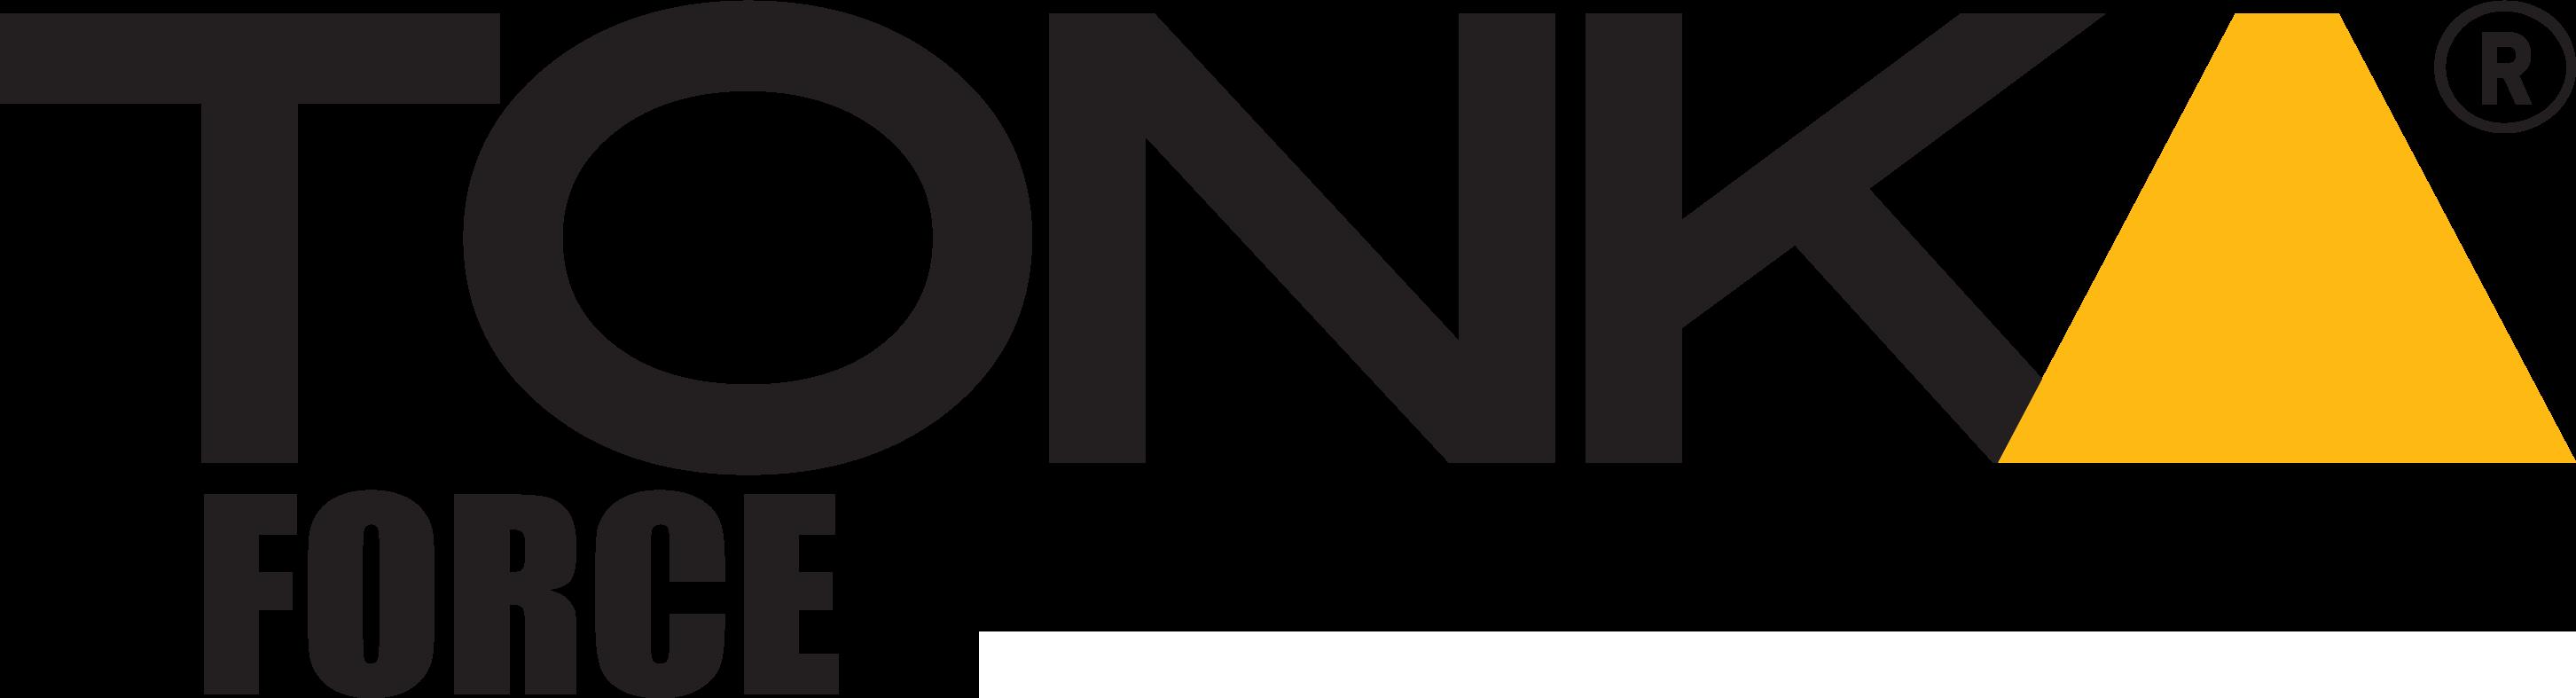 https://0201.nccdn.net/1_2/000/000/0e3/0e9/TONKA-PNG-02.png